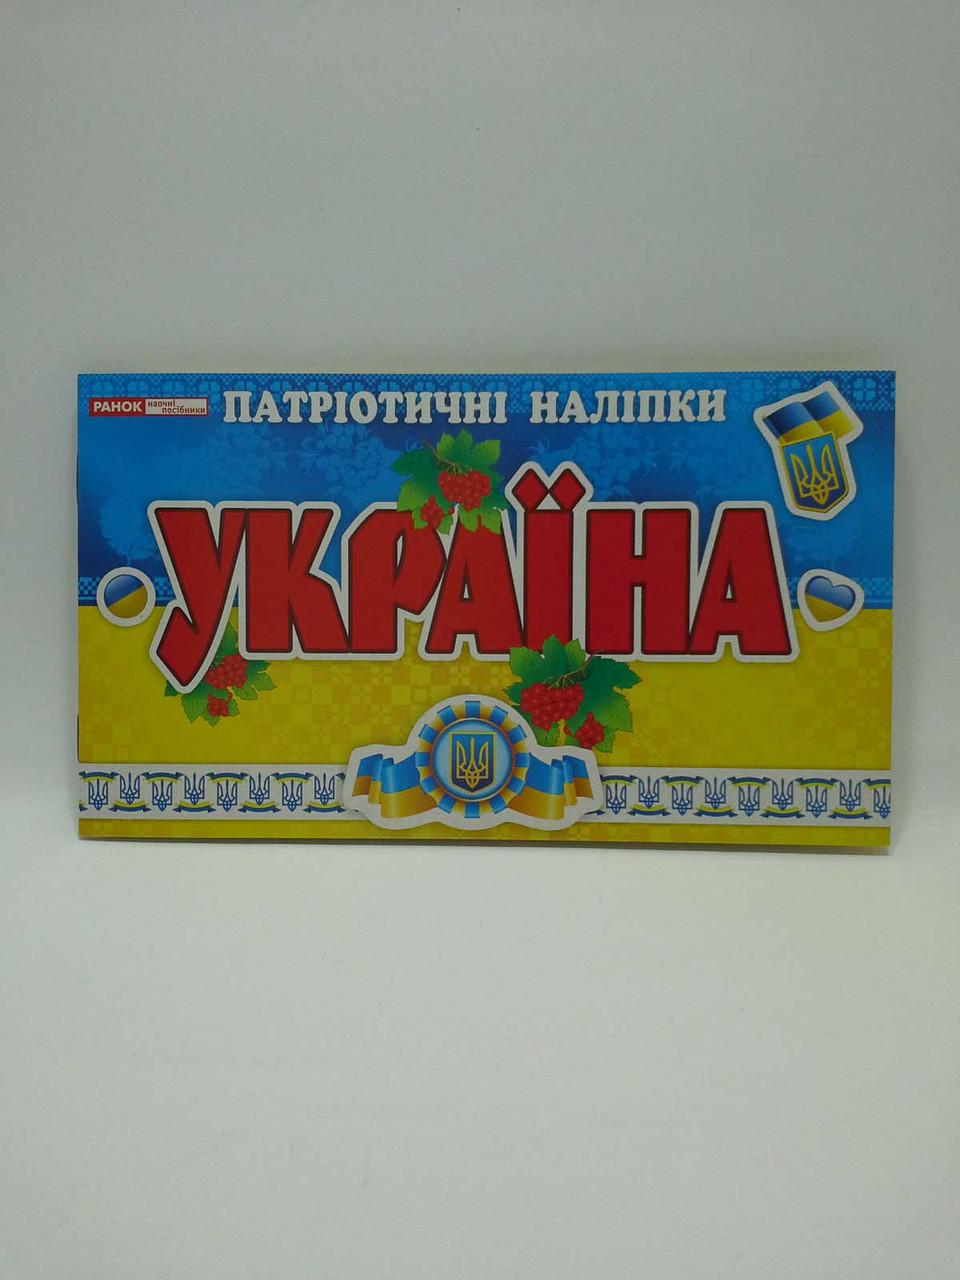 Світогляд Патріотичні наліпки Україна 5467 13106064У